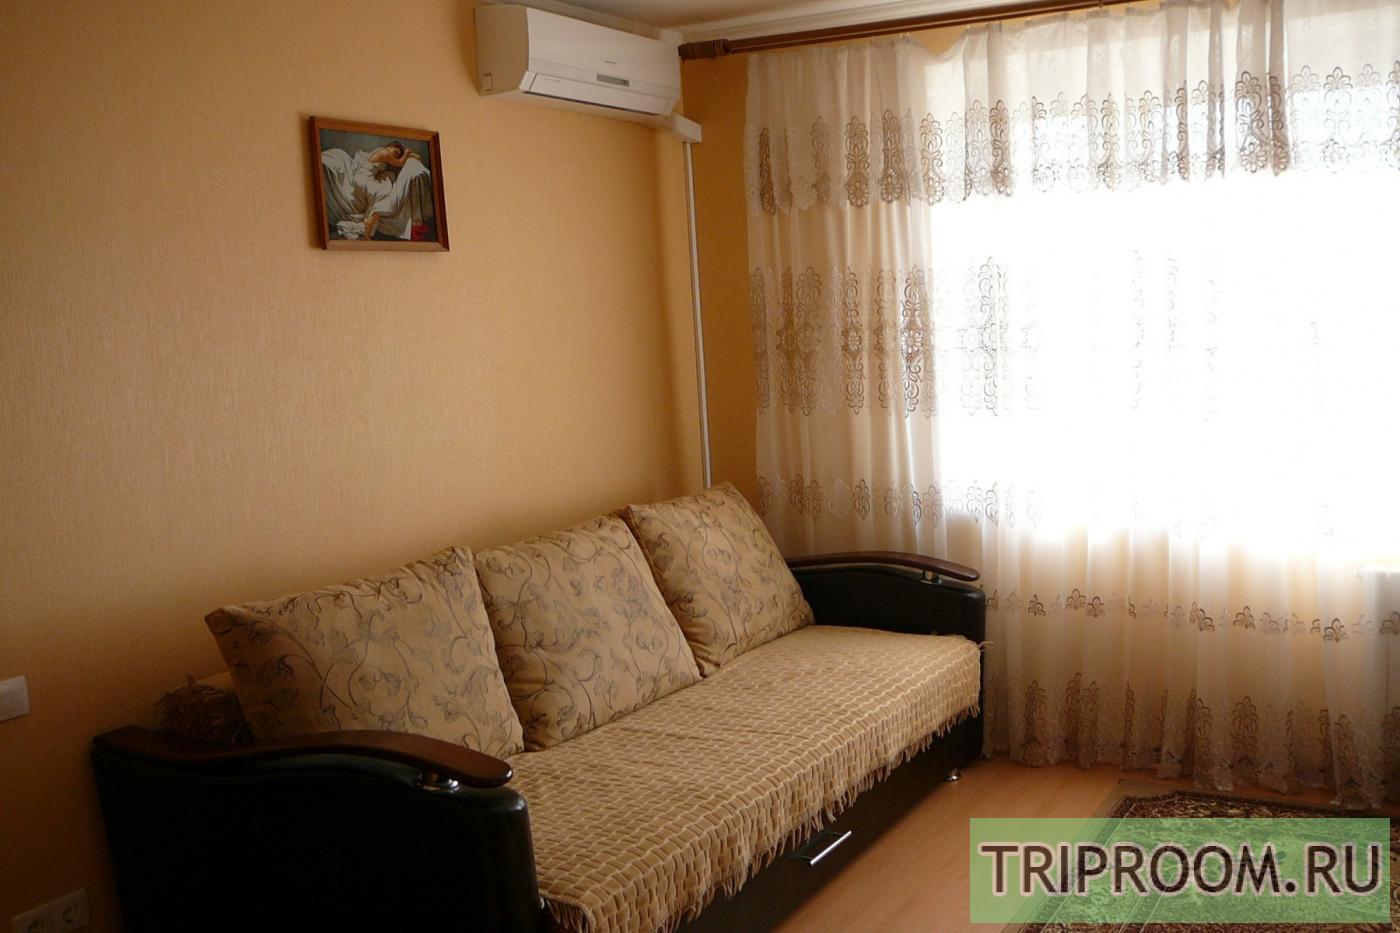 1-комнатная квартира посуточно (вариант № 20895), ул. Ленинский пр-т, фото № 5